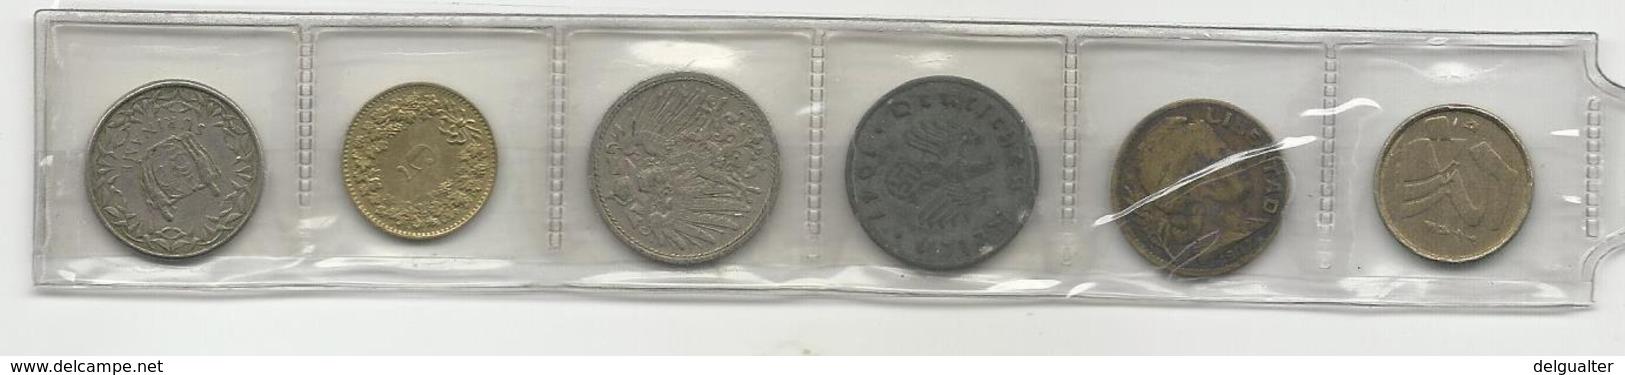 6 Coins - Munten & Bankbiljetten